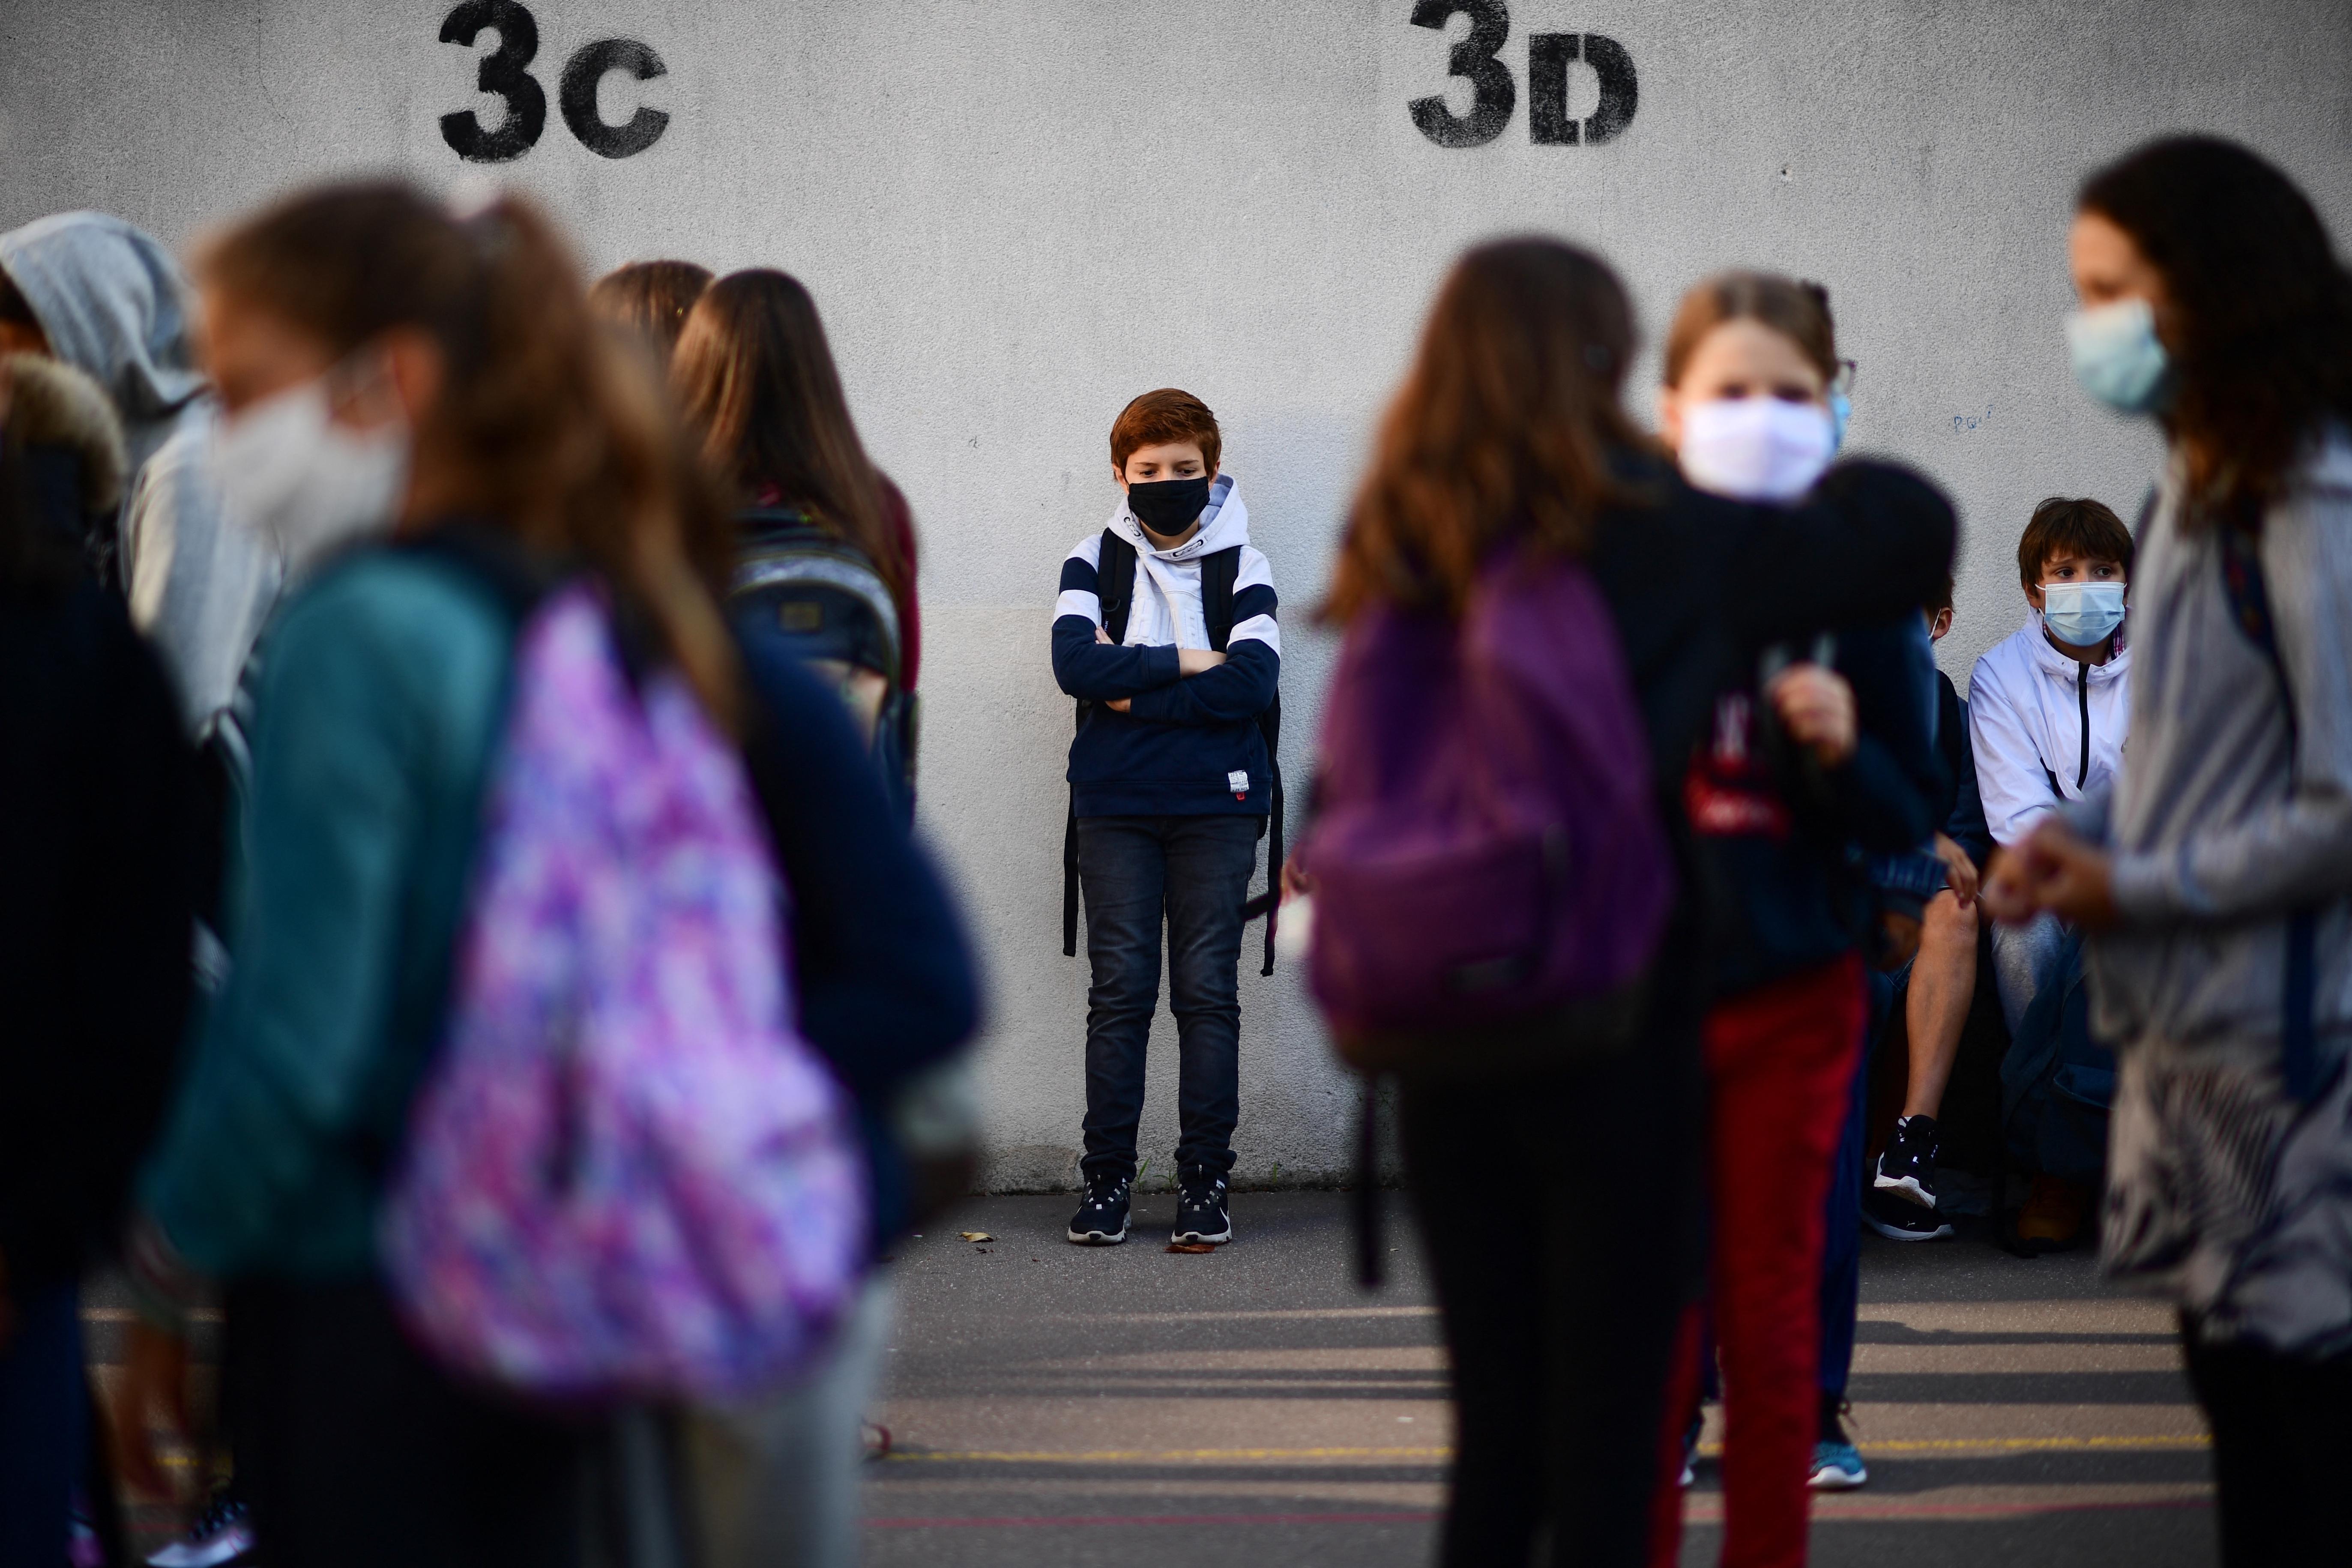 Franciaországban nyálteszttel szűrik a kisiskolásokat, a tanároknak pedig kötelező a heti két teszt